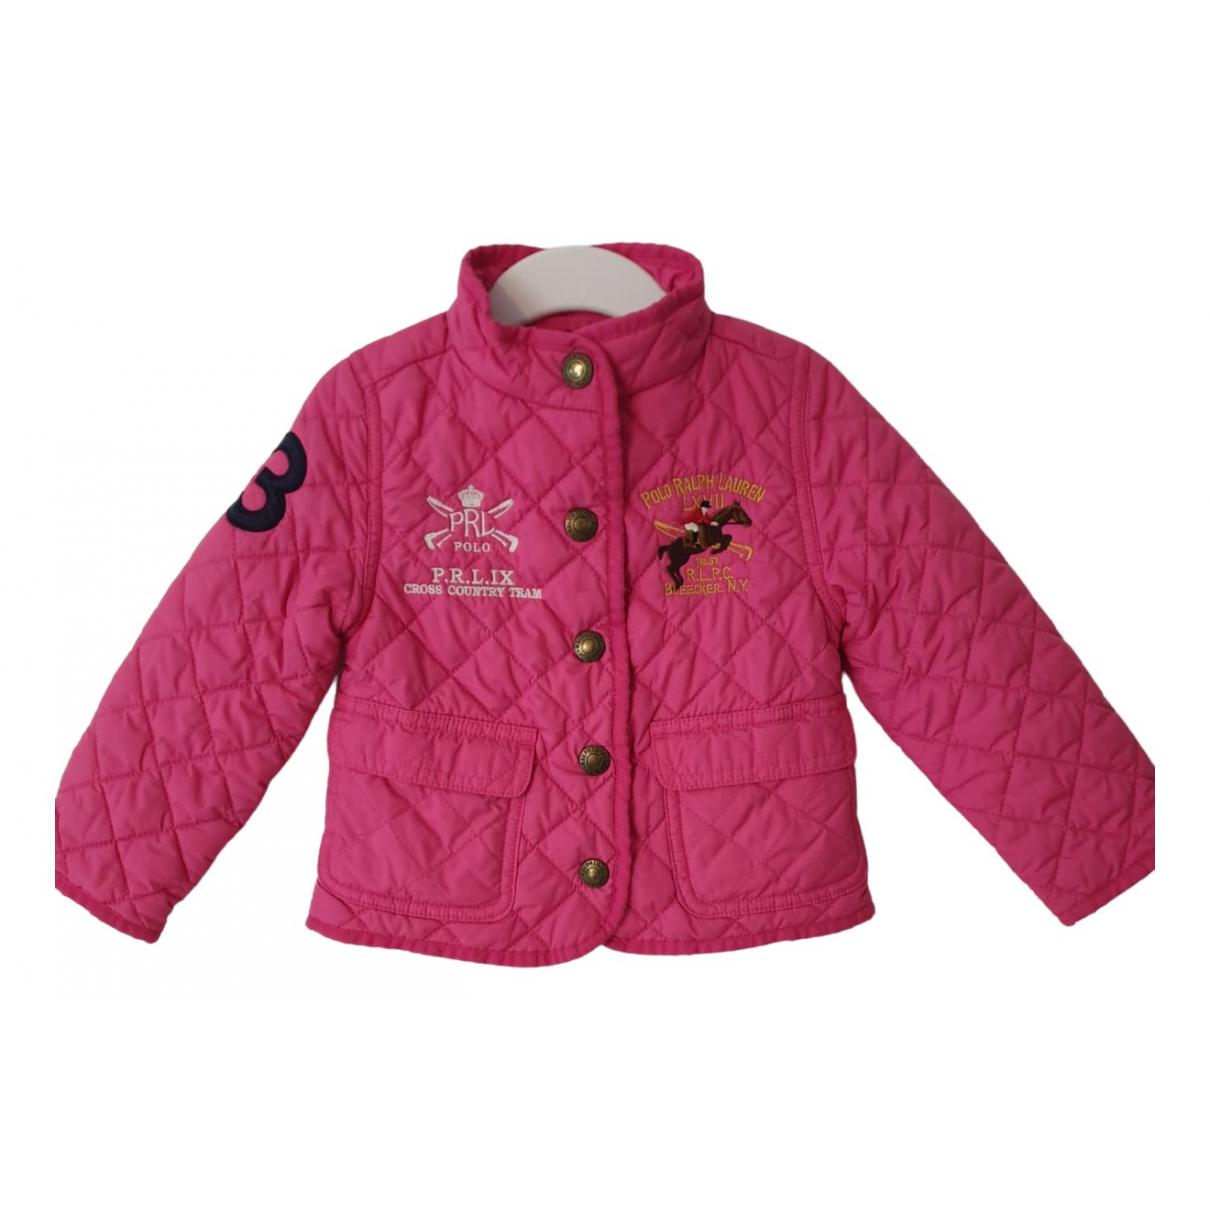 Ralph Lauren - Blousons.Manteaux   pour enfant - rose